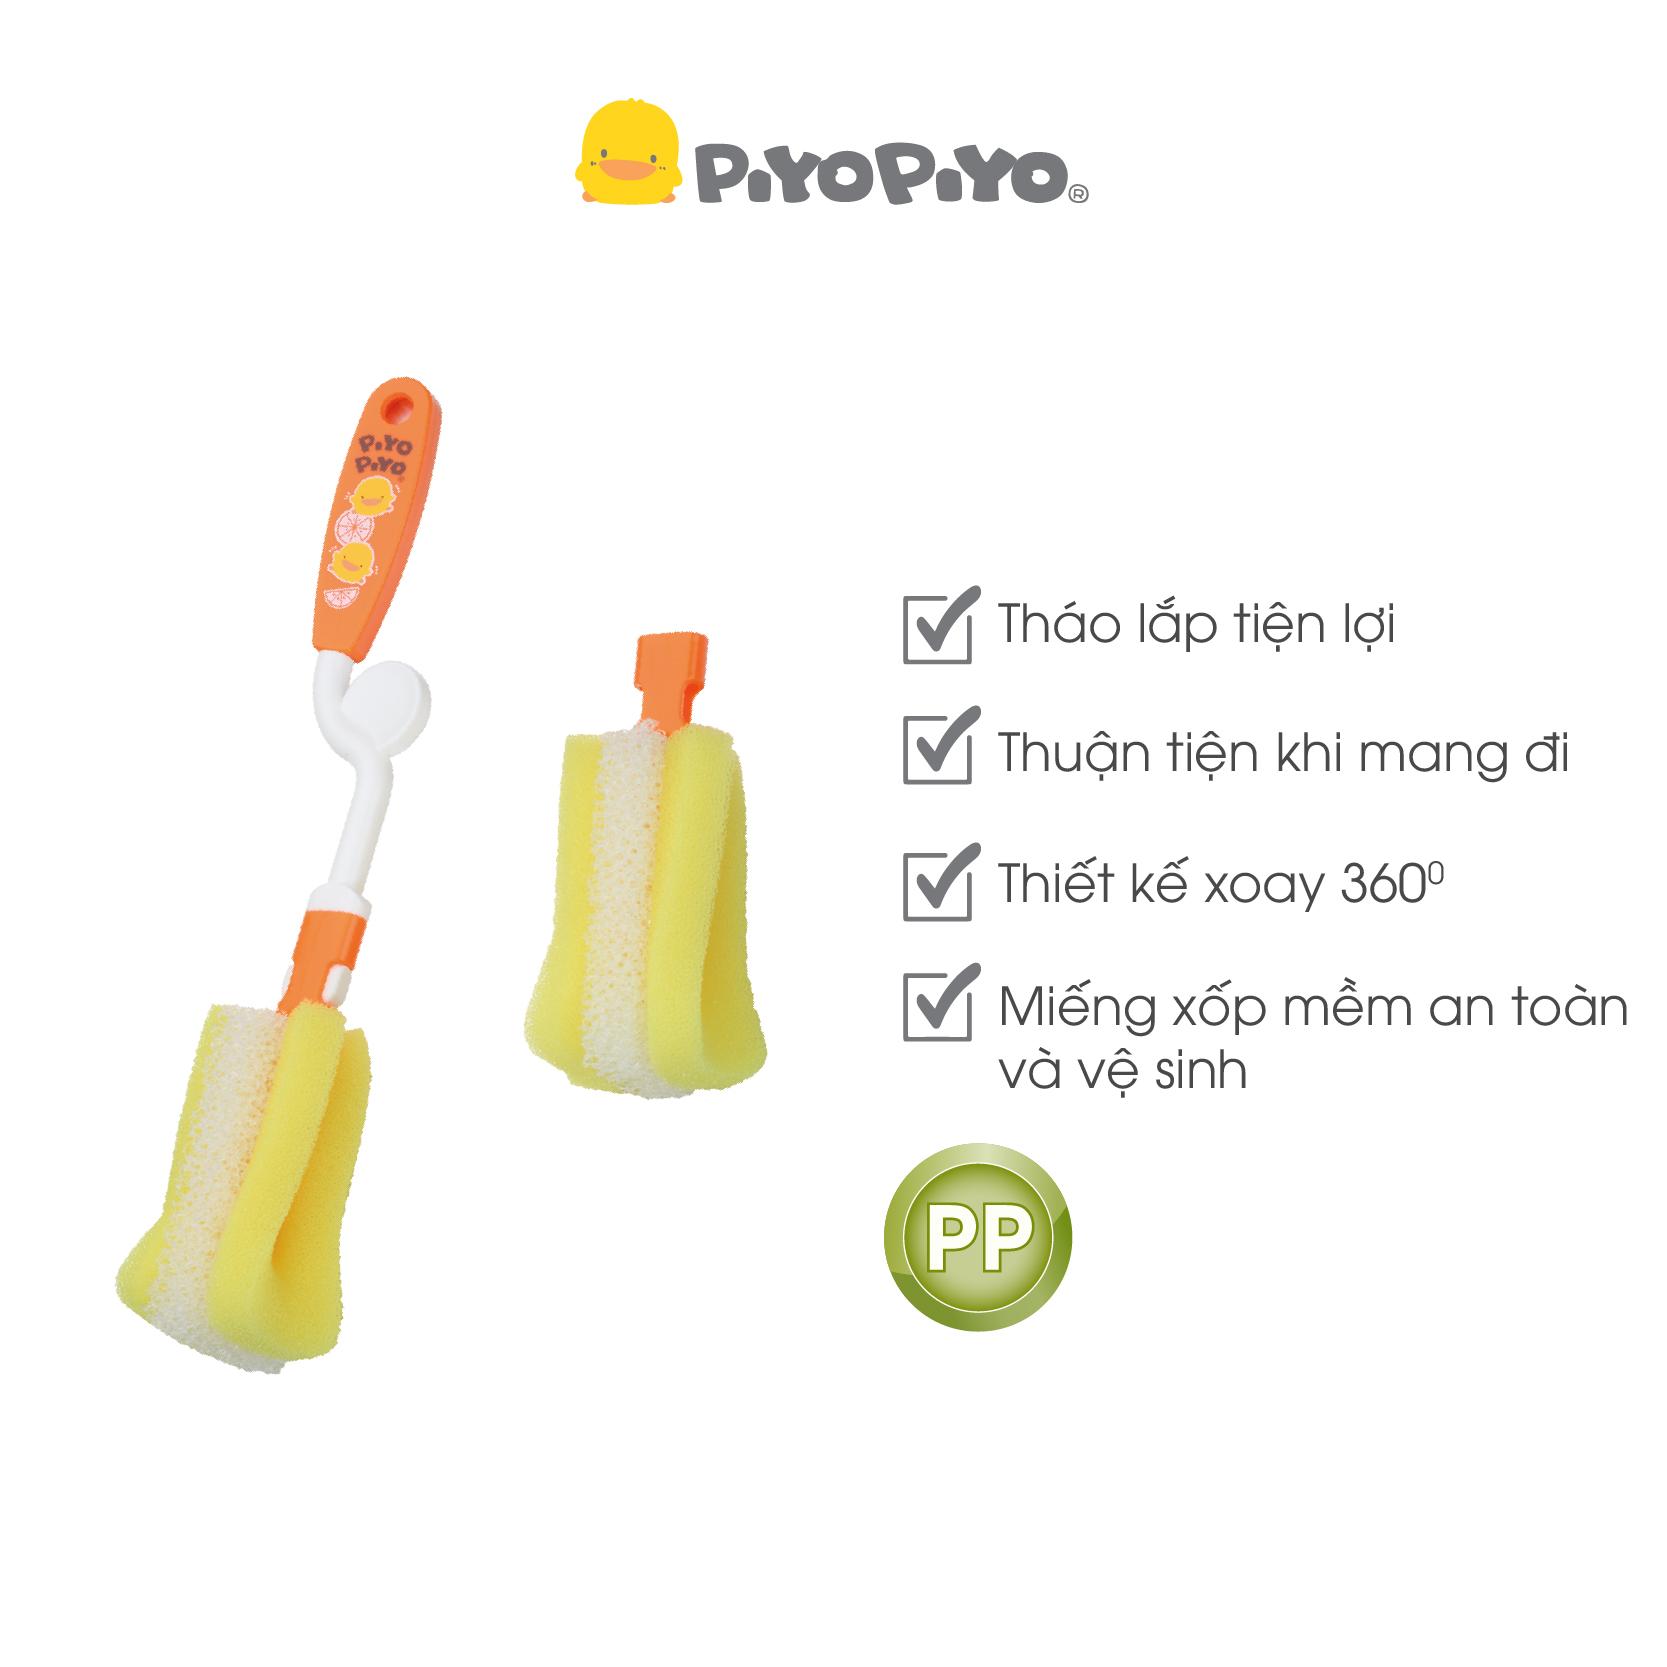 Cọ rửa bình sữa bằng mút xốp kèm miếng thay thế Piyo Piyo màu vàng - PY830529